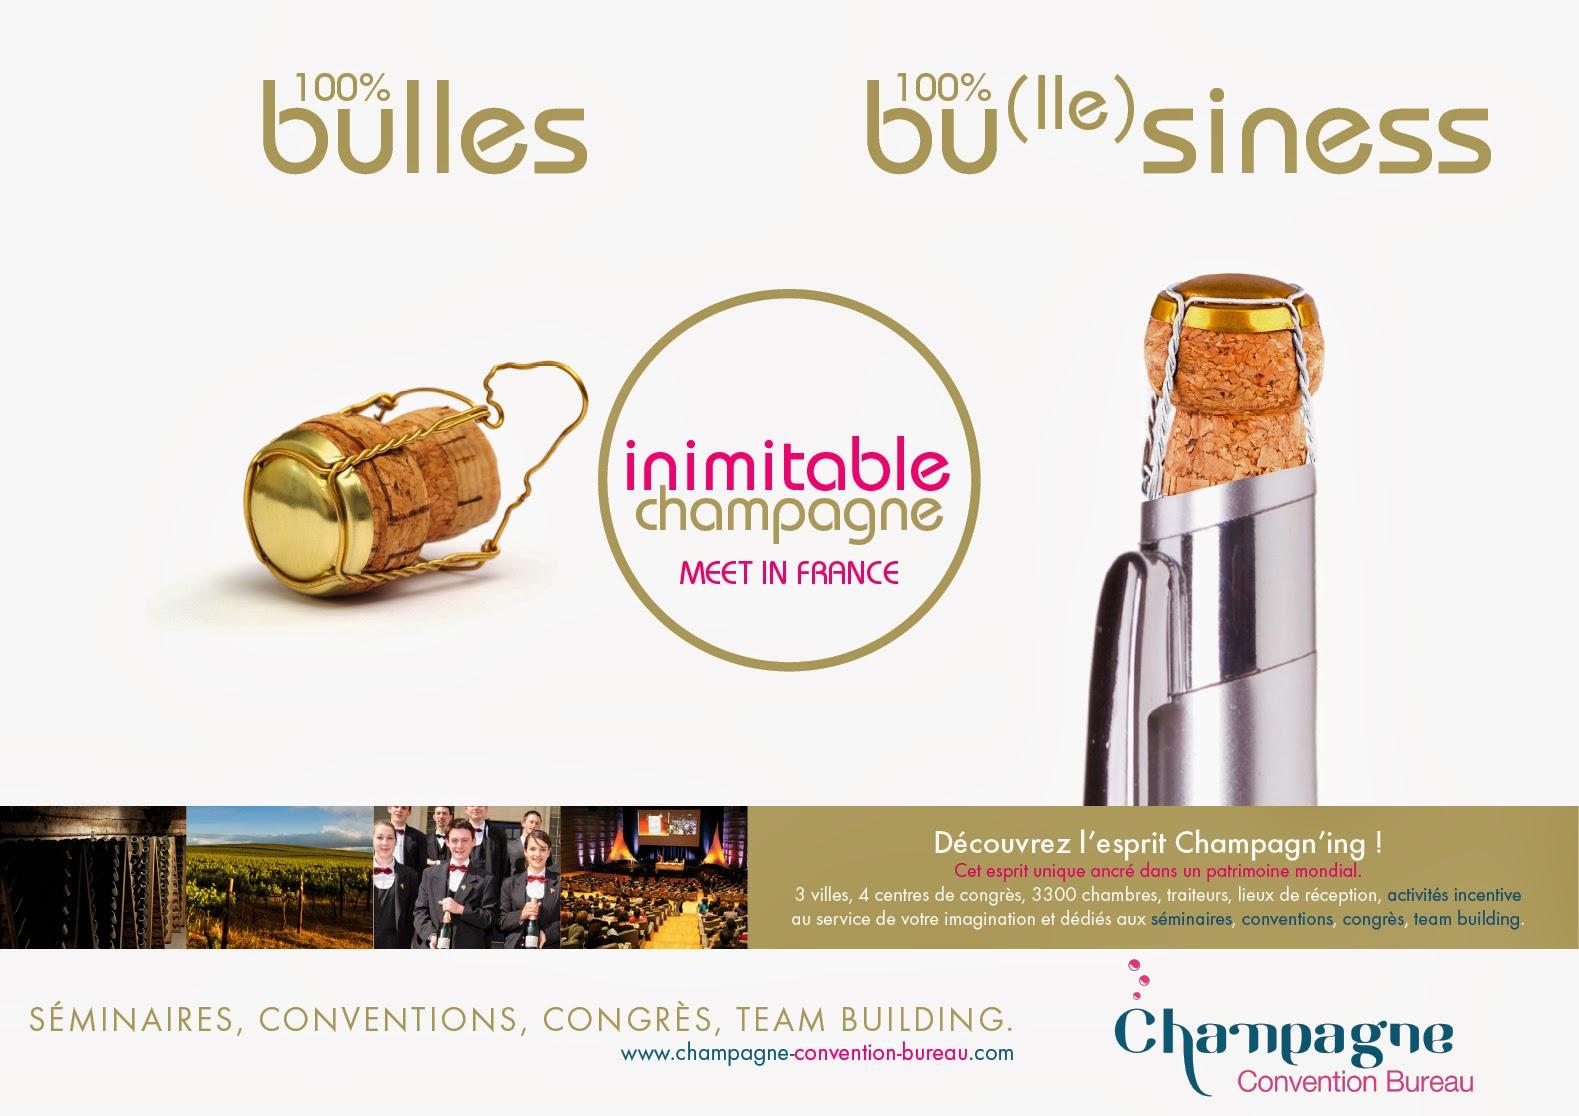 directeur artistique  la r u00e9gion champagne    meeeting    affiche